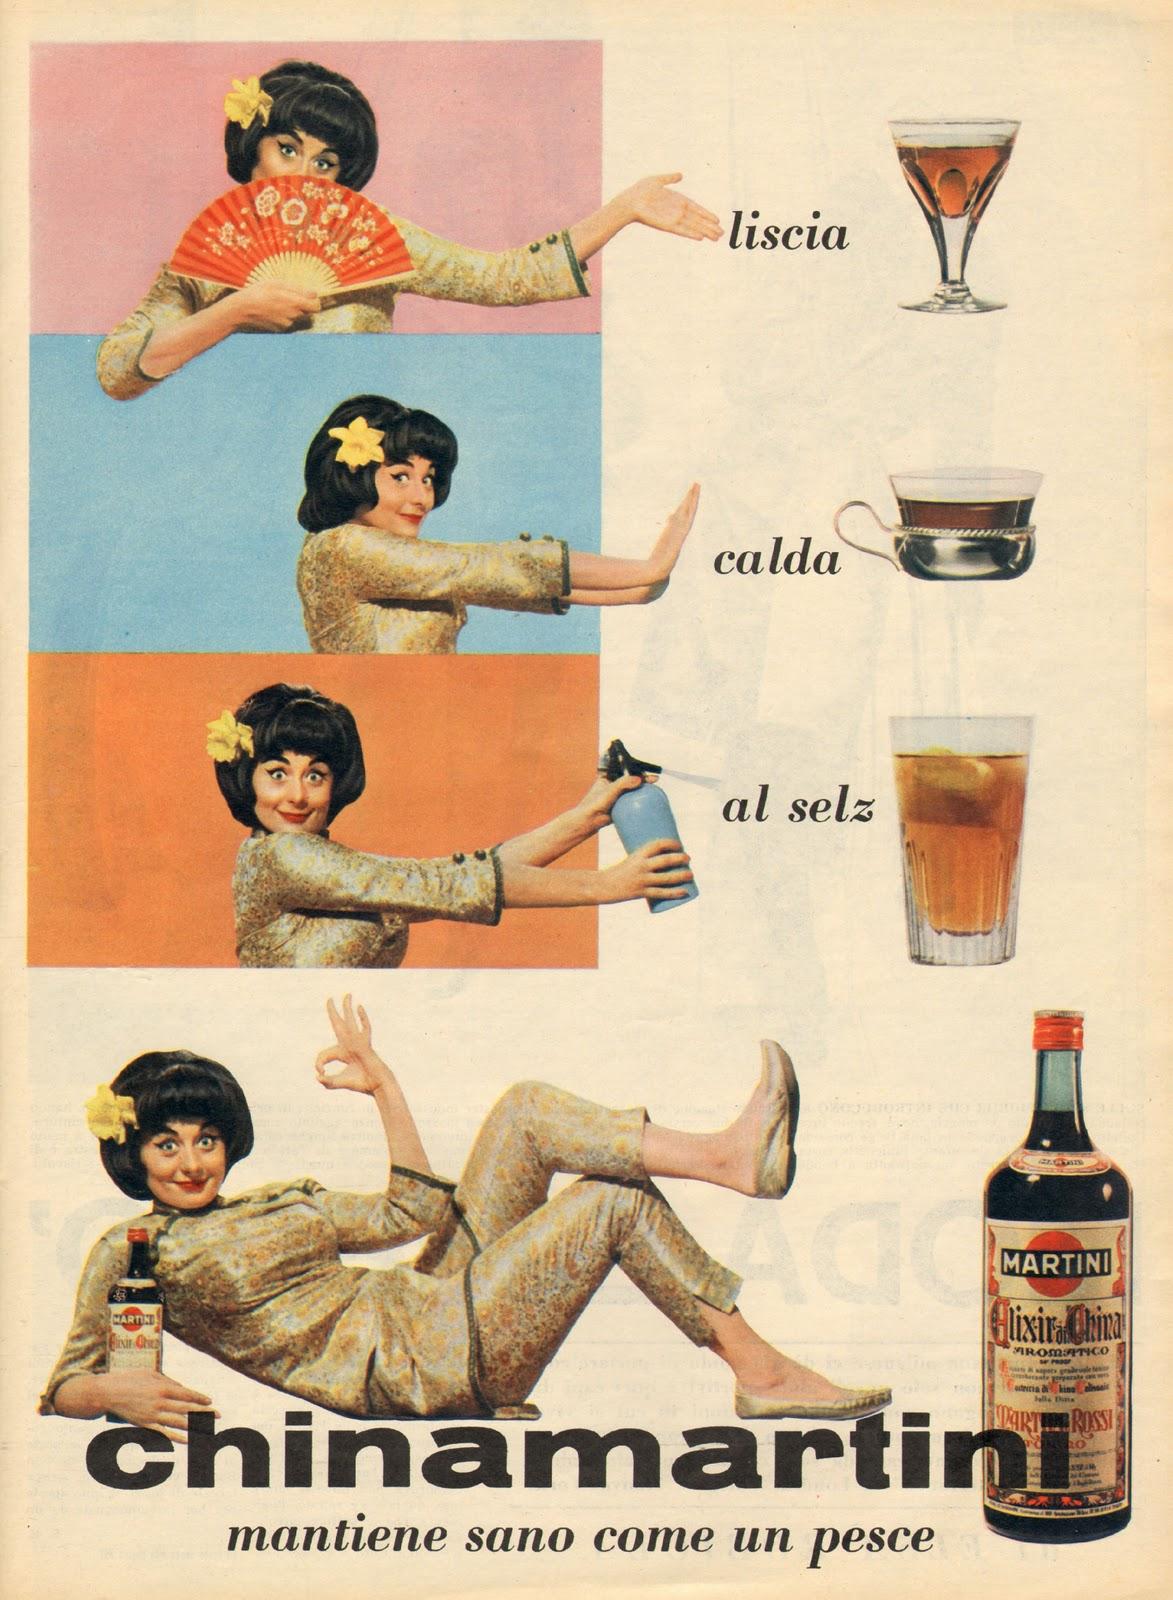 Chinamartini sandra mondaini 1964